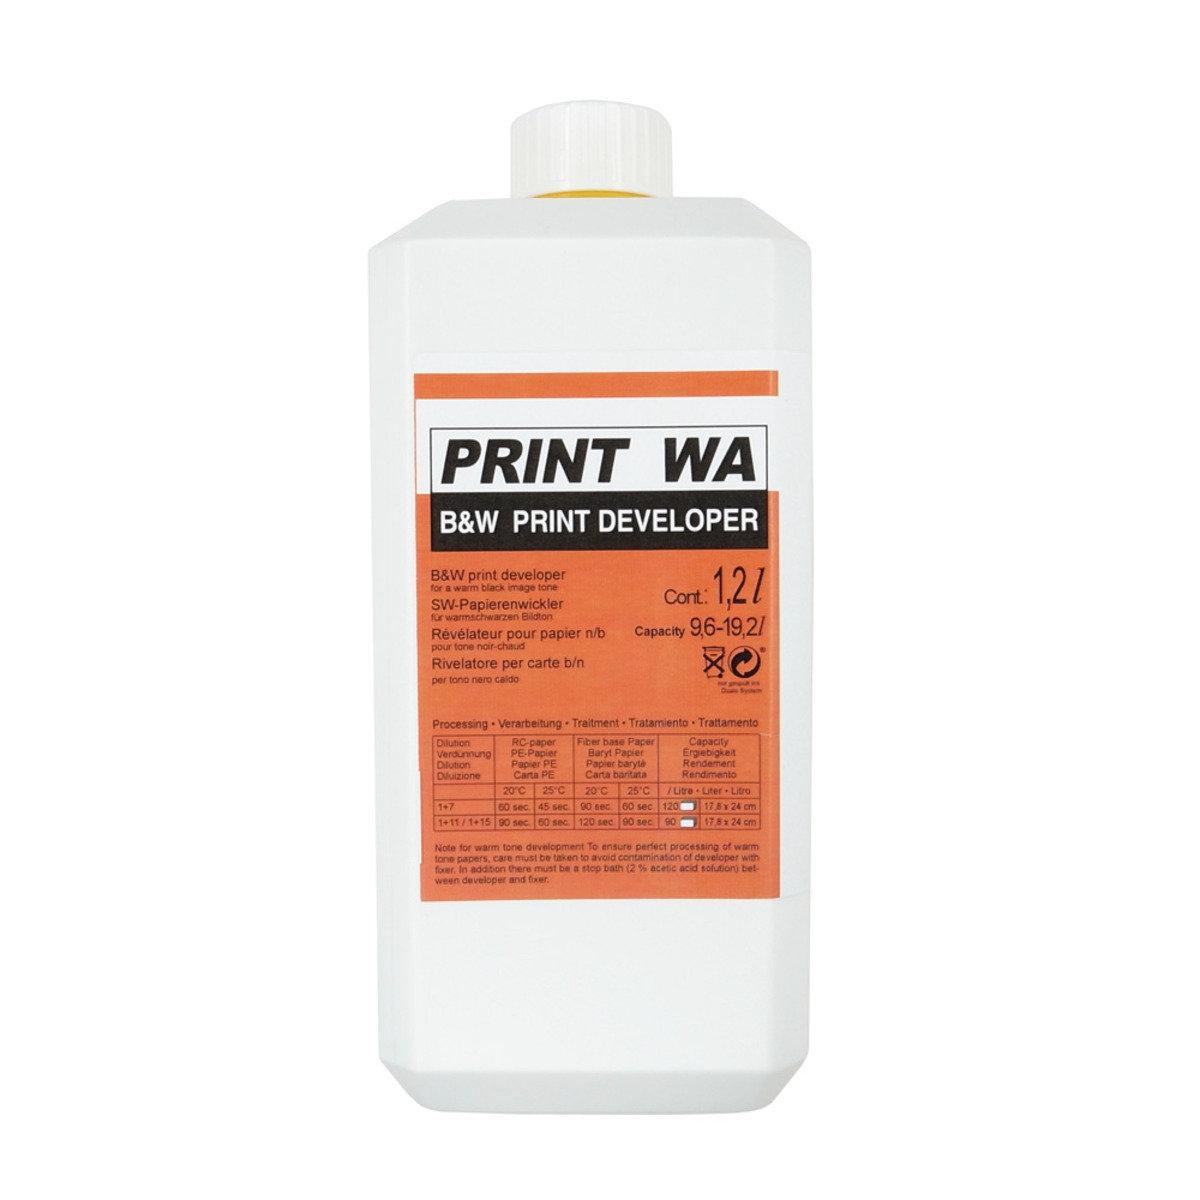 Compard Print WA 1.2L 暖調相紙顯影 (Agfa 原始配方)